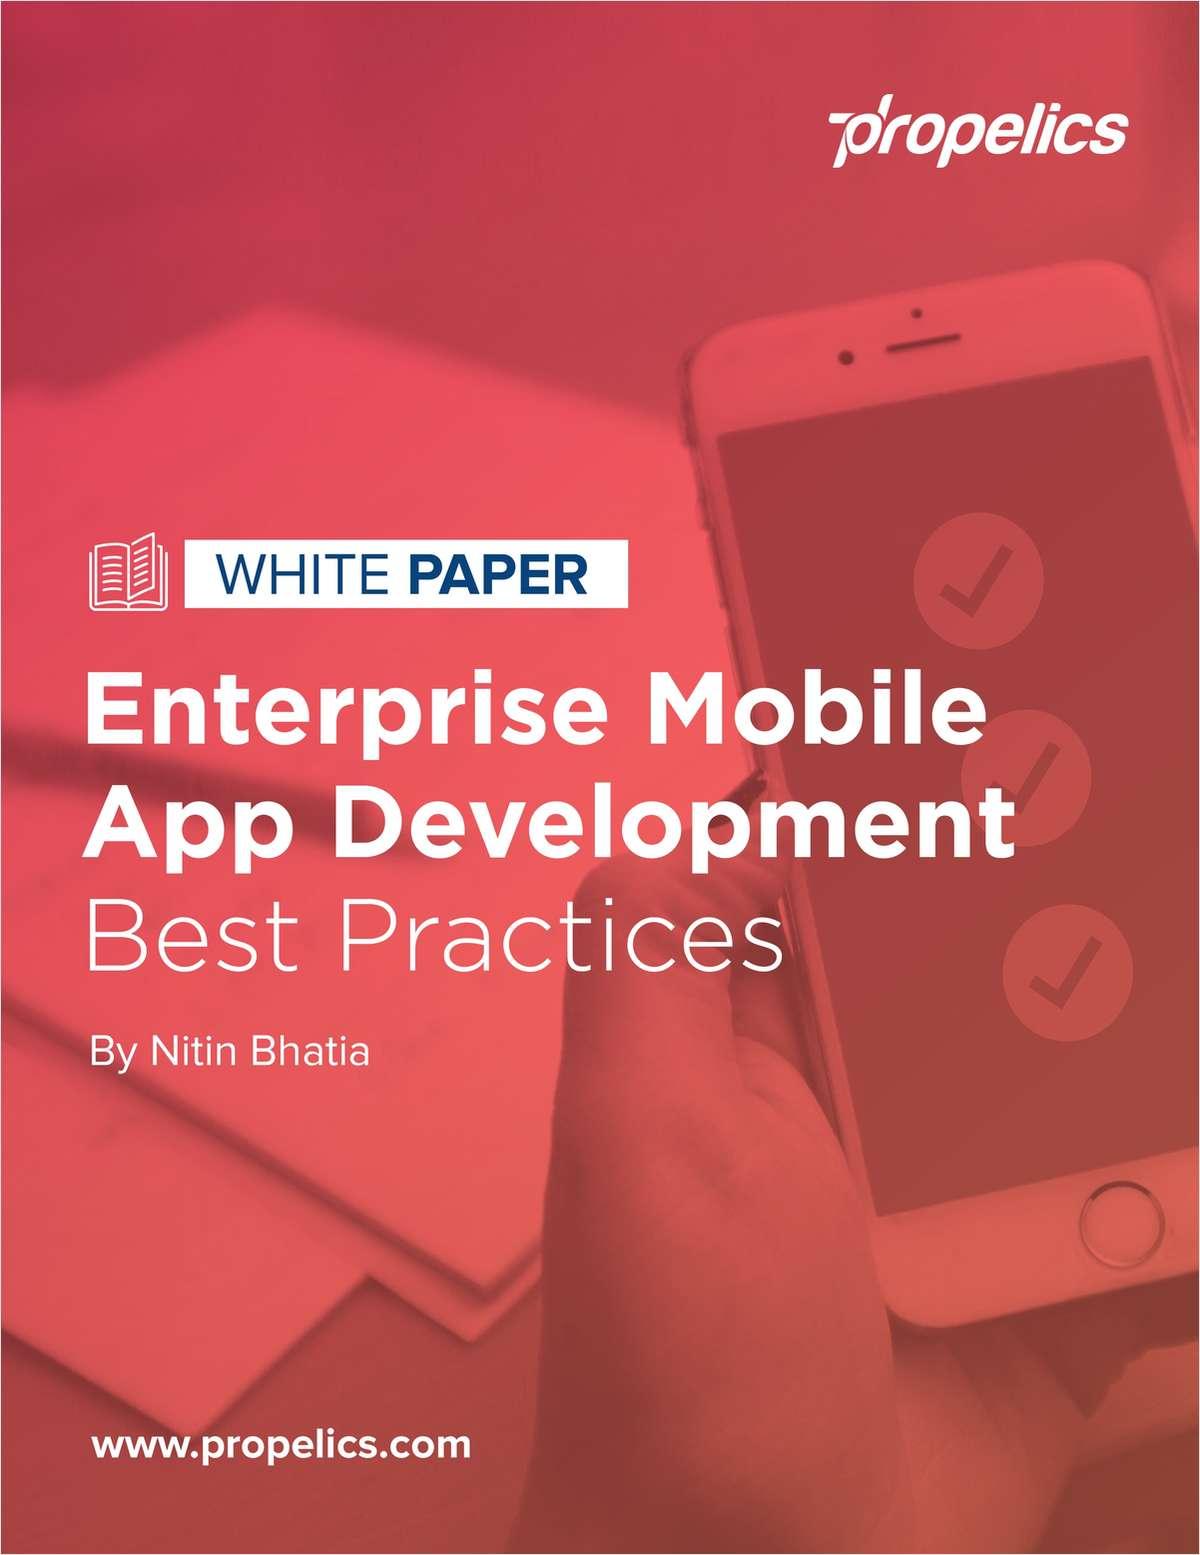 White Paper: Enterprise Mobile App Development Best Practices